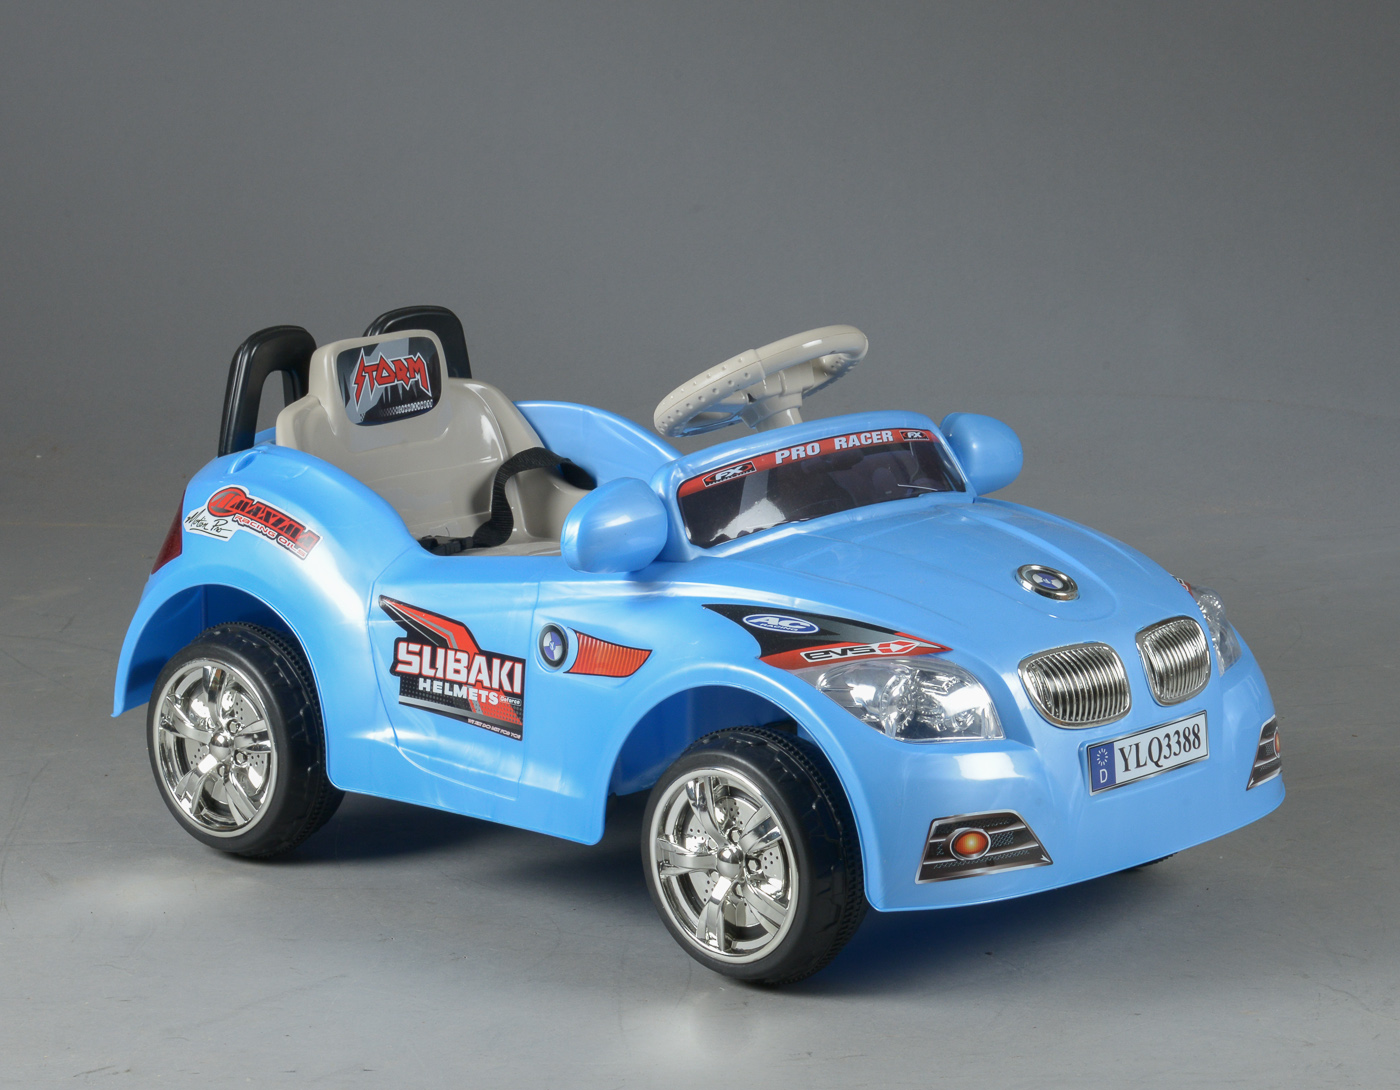 Elektrisk bil / Elbil til børn 3 år - Elektrisk bil / Elbil til børn, udført af farvet plastik, med forældrekontrol/fjernbetjning, bil med fodspeeder, fremad- og bakgear, styrtbøjle, blinkende, farvet lys, horn og musik. L. 85 cm, B. 53 cm. Fremstår ubrugt i original emballage